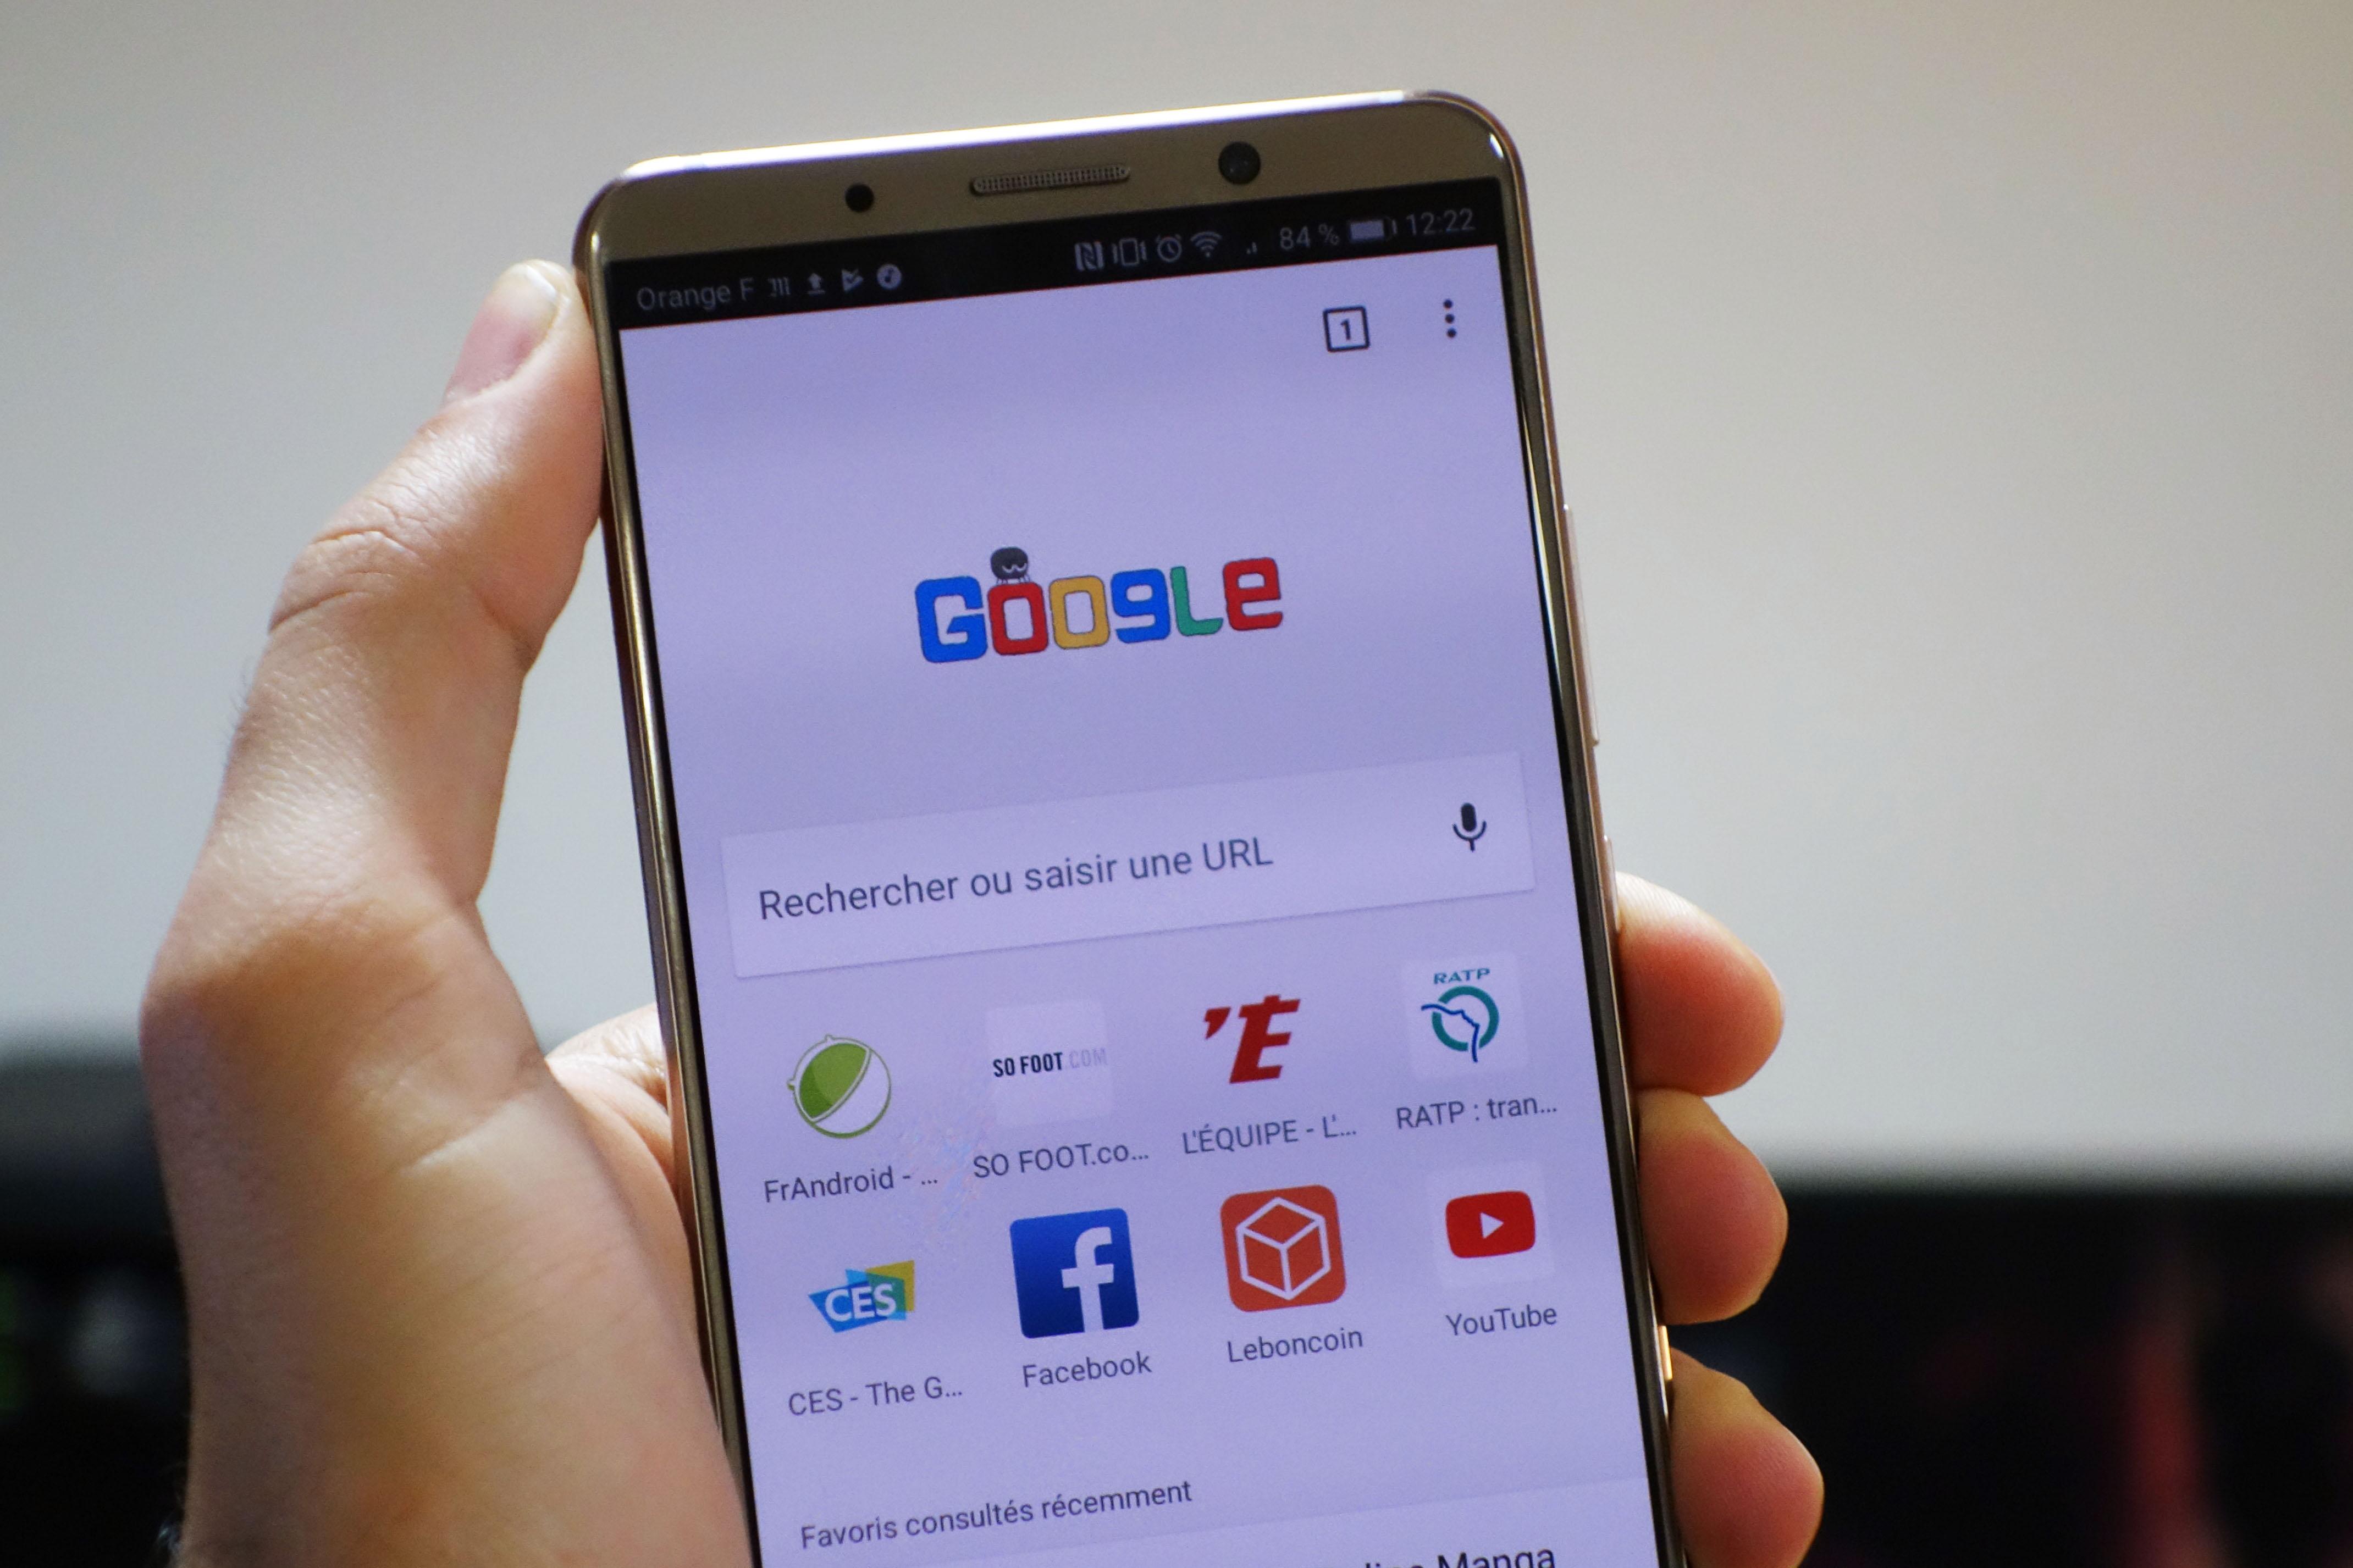 Le Material Design 2 s'affiche sur le compte Google